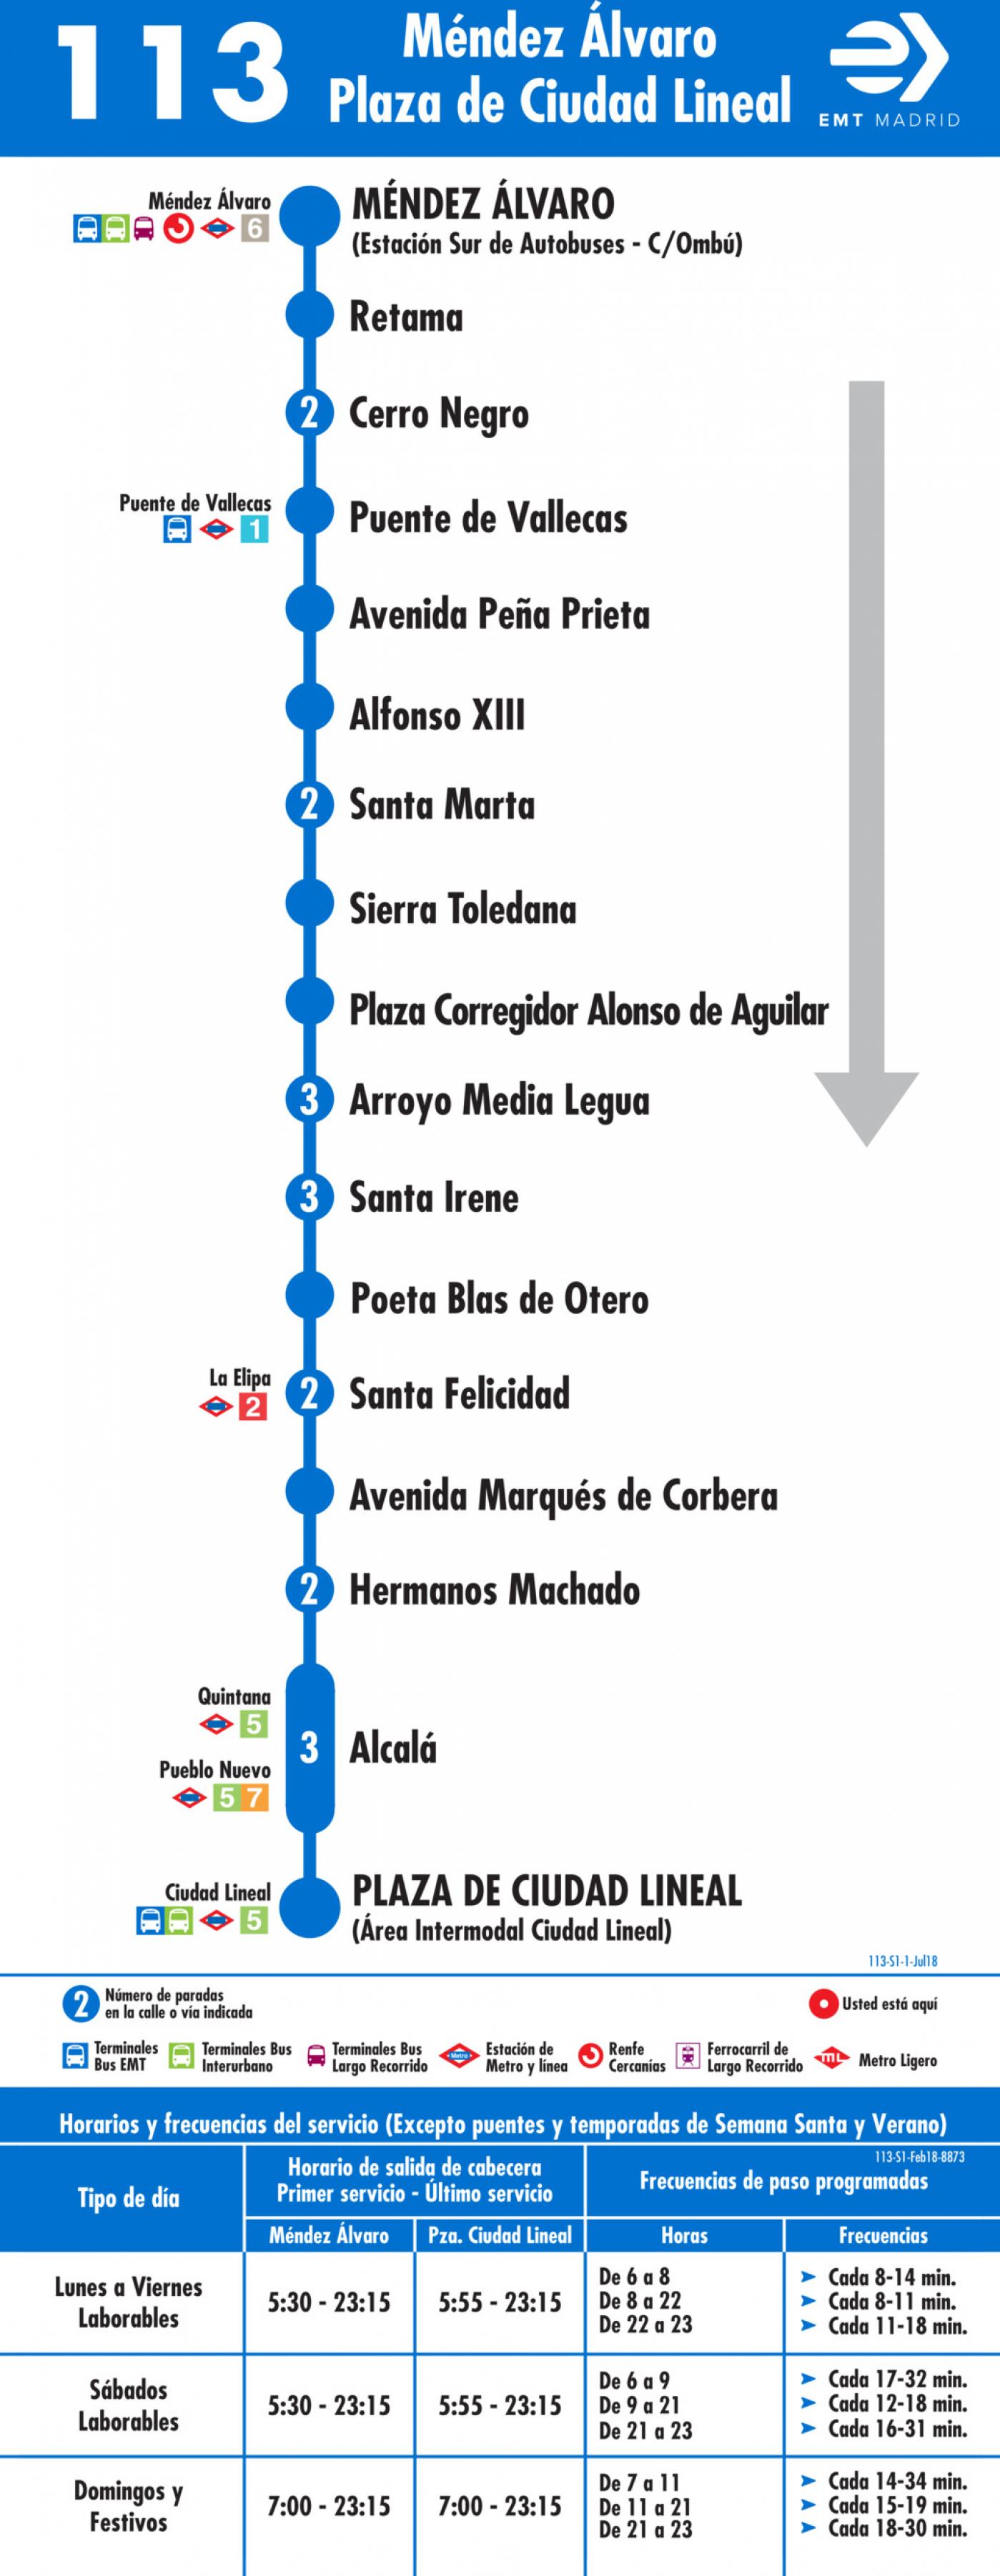 Tabla de horarios y frecuencias de paso en sentido ida Línea 113: Méndez Álvaro - Plaza de Ciudad Lineal